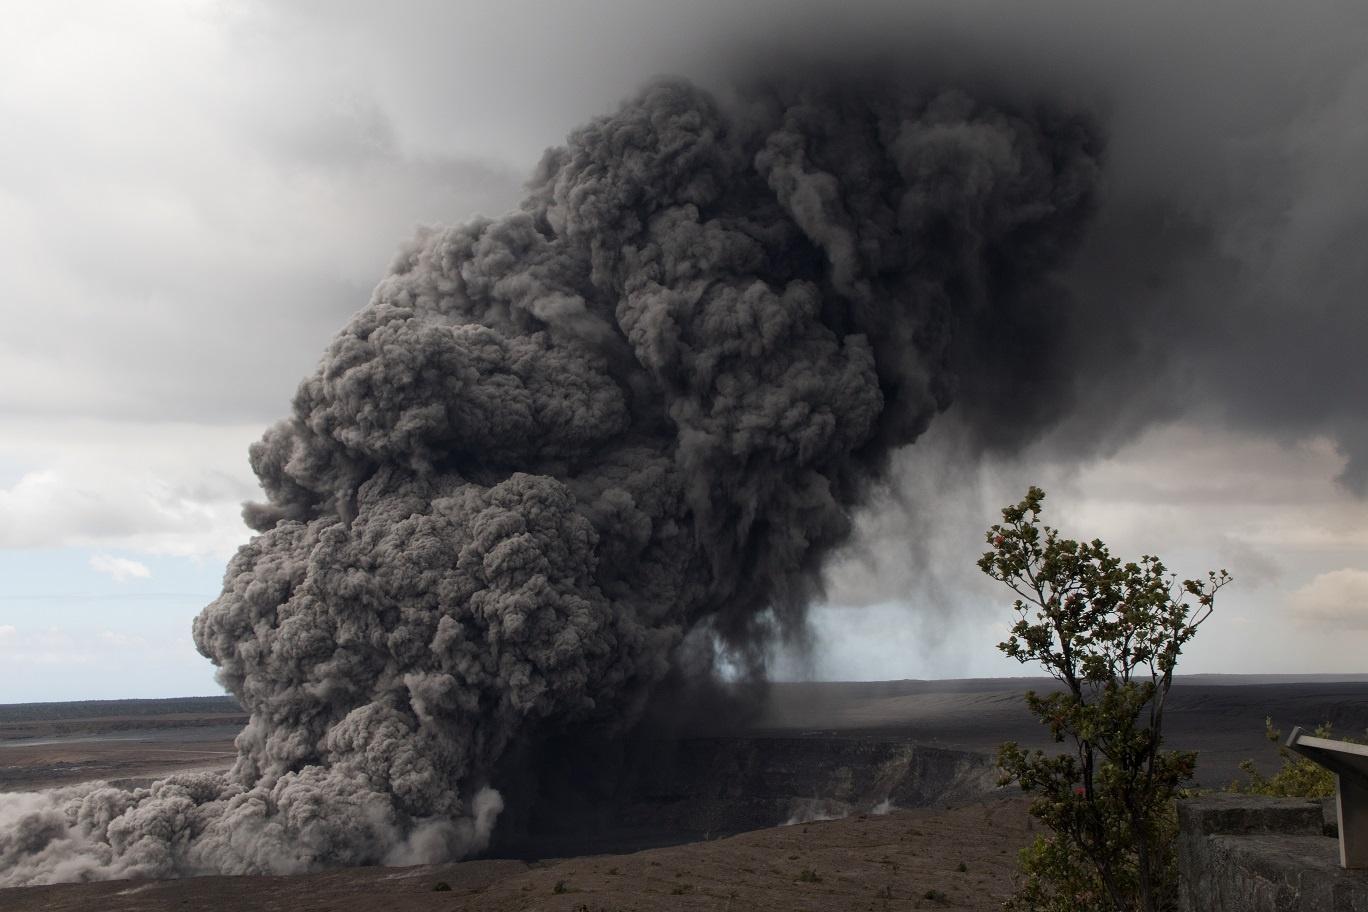 https://cdn2.hubspot.net/hubfs/604407/Image1_ashexplosion.jpeg